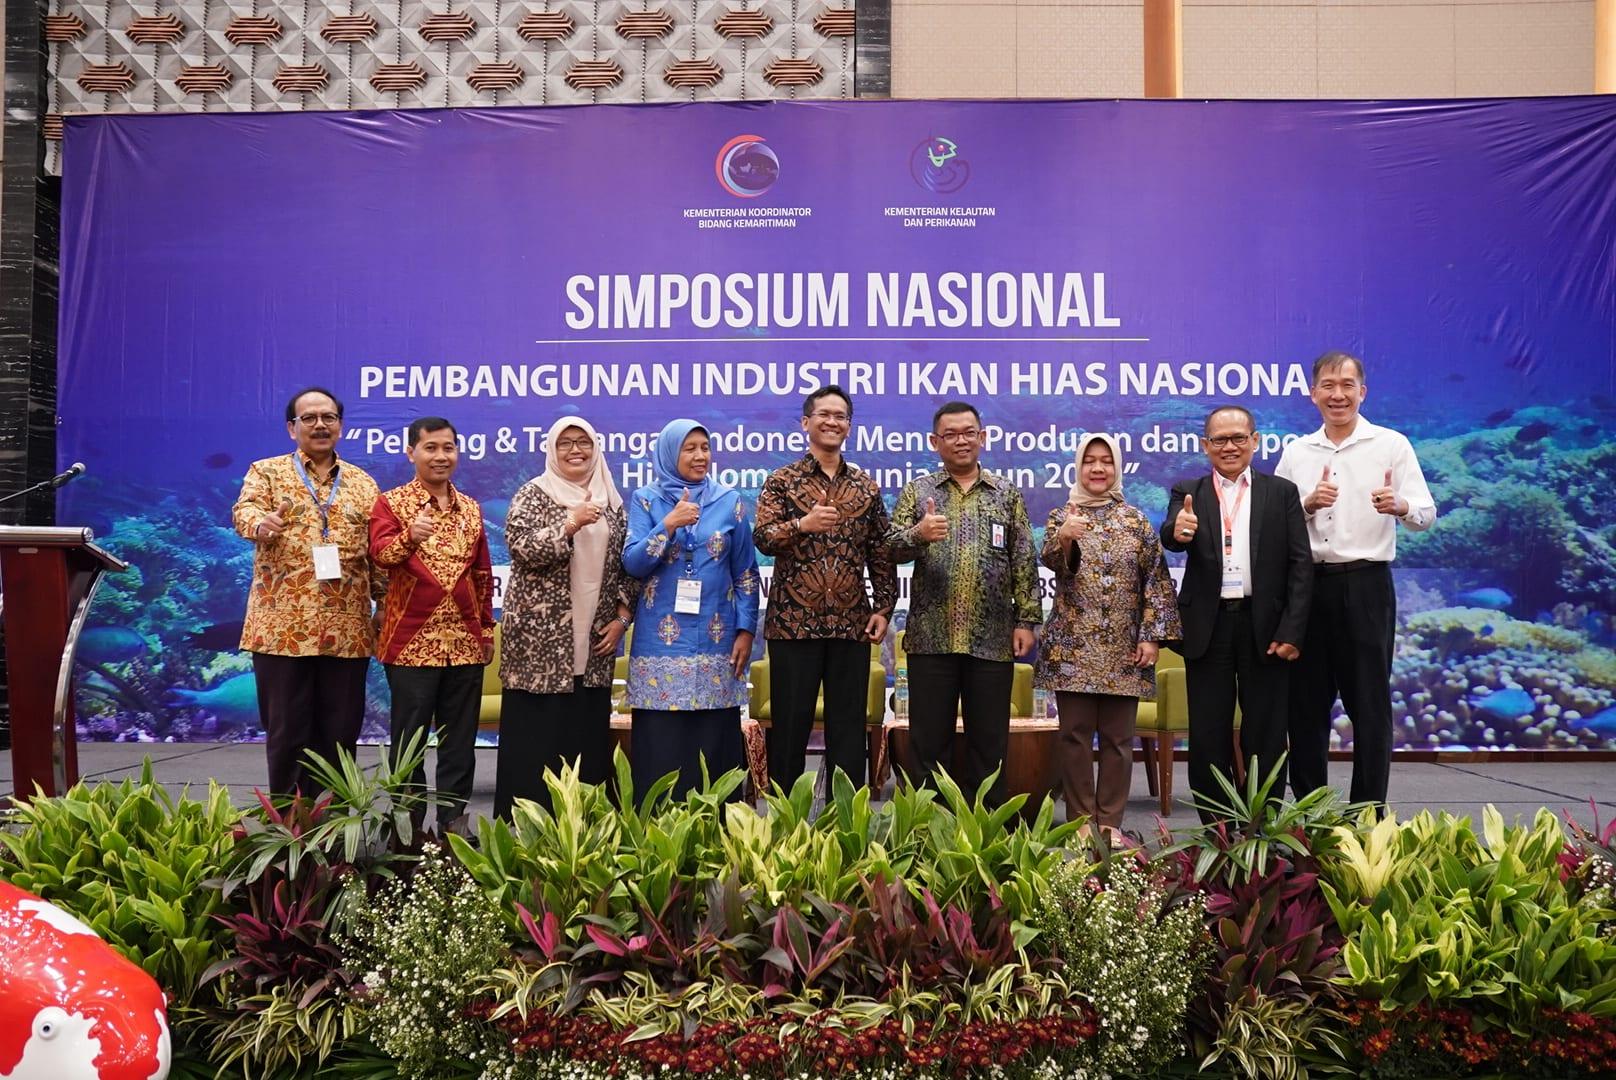 Deputi Agung Resmi Membuka Simposium Nasional Pembangunan Industri Ikan Hias